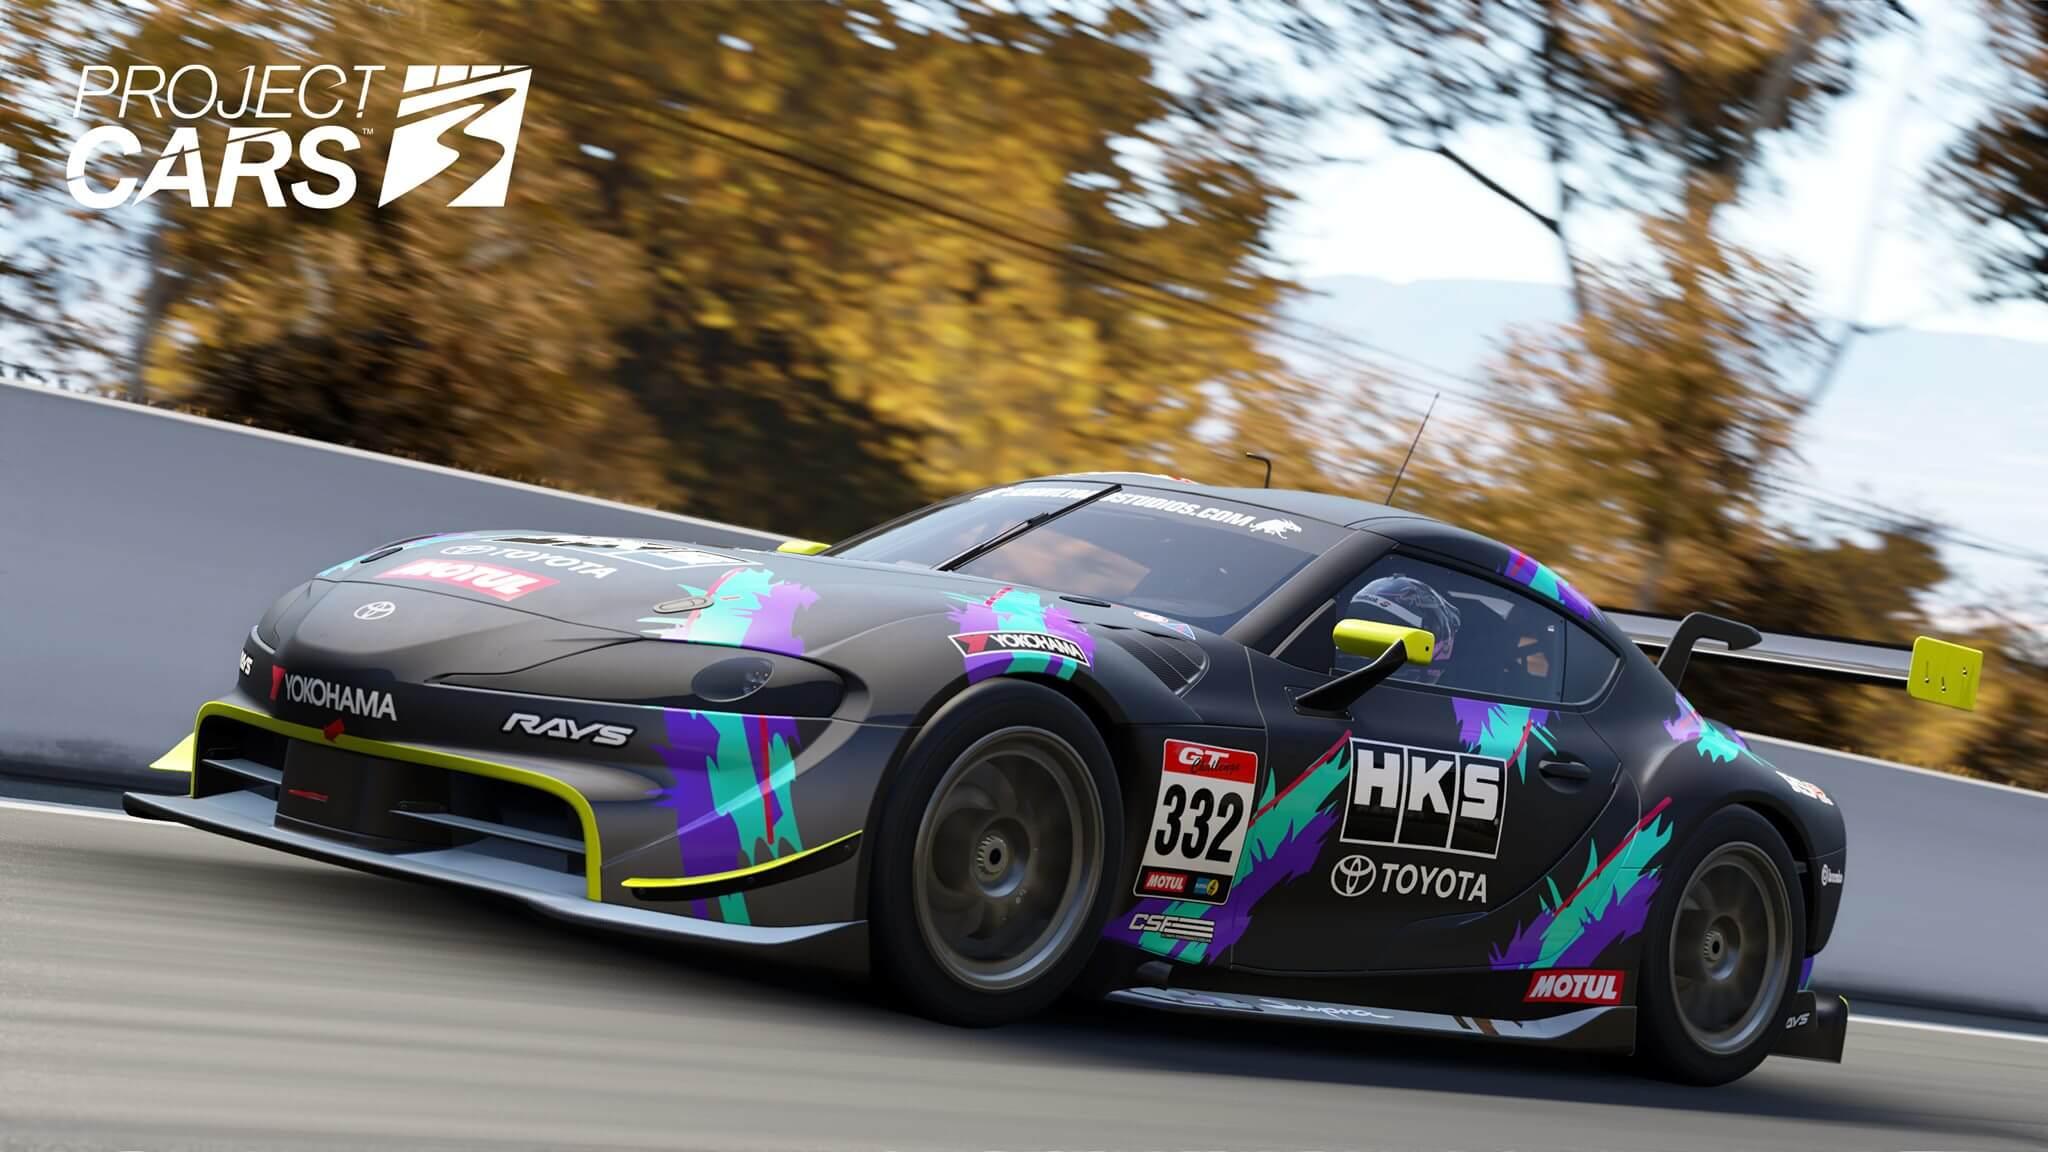 Патч #3 для Project CARS 3 добавляет новый бесплатный трек, настраивает физику, улучшает графический интерфейс